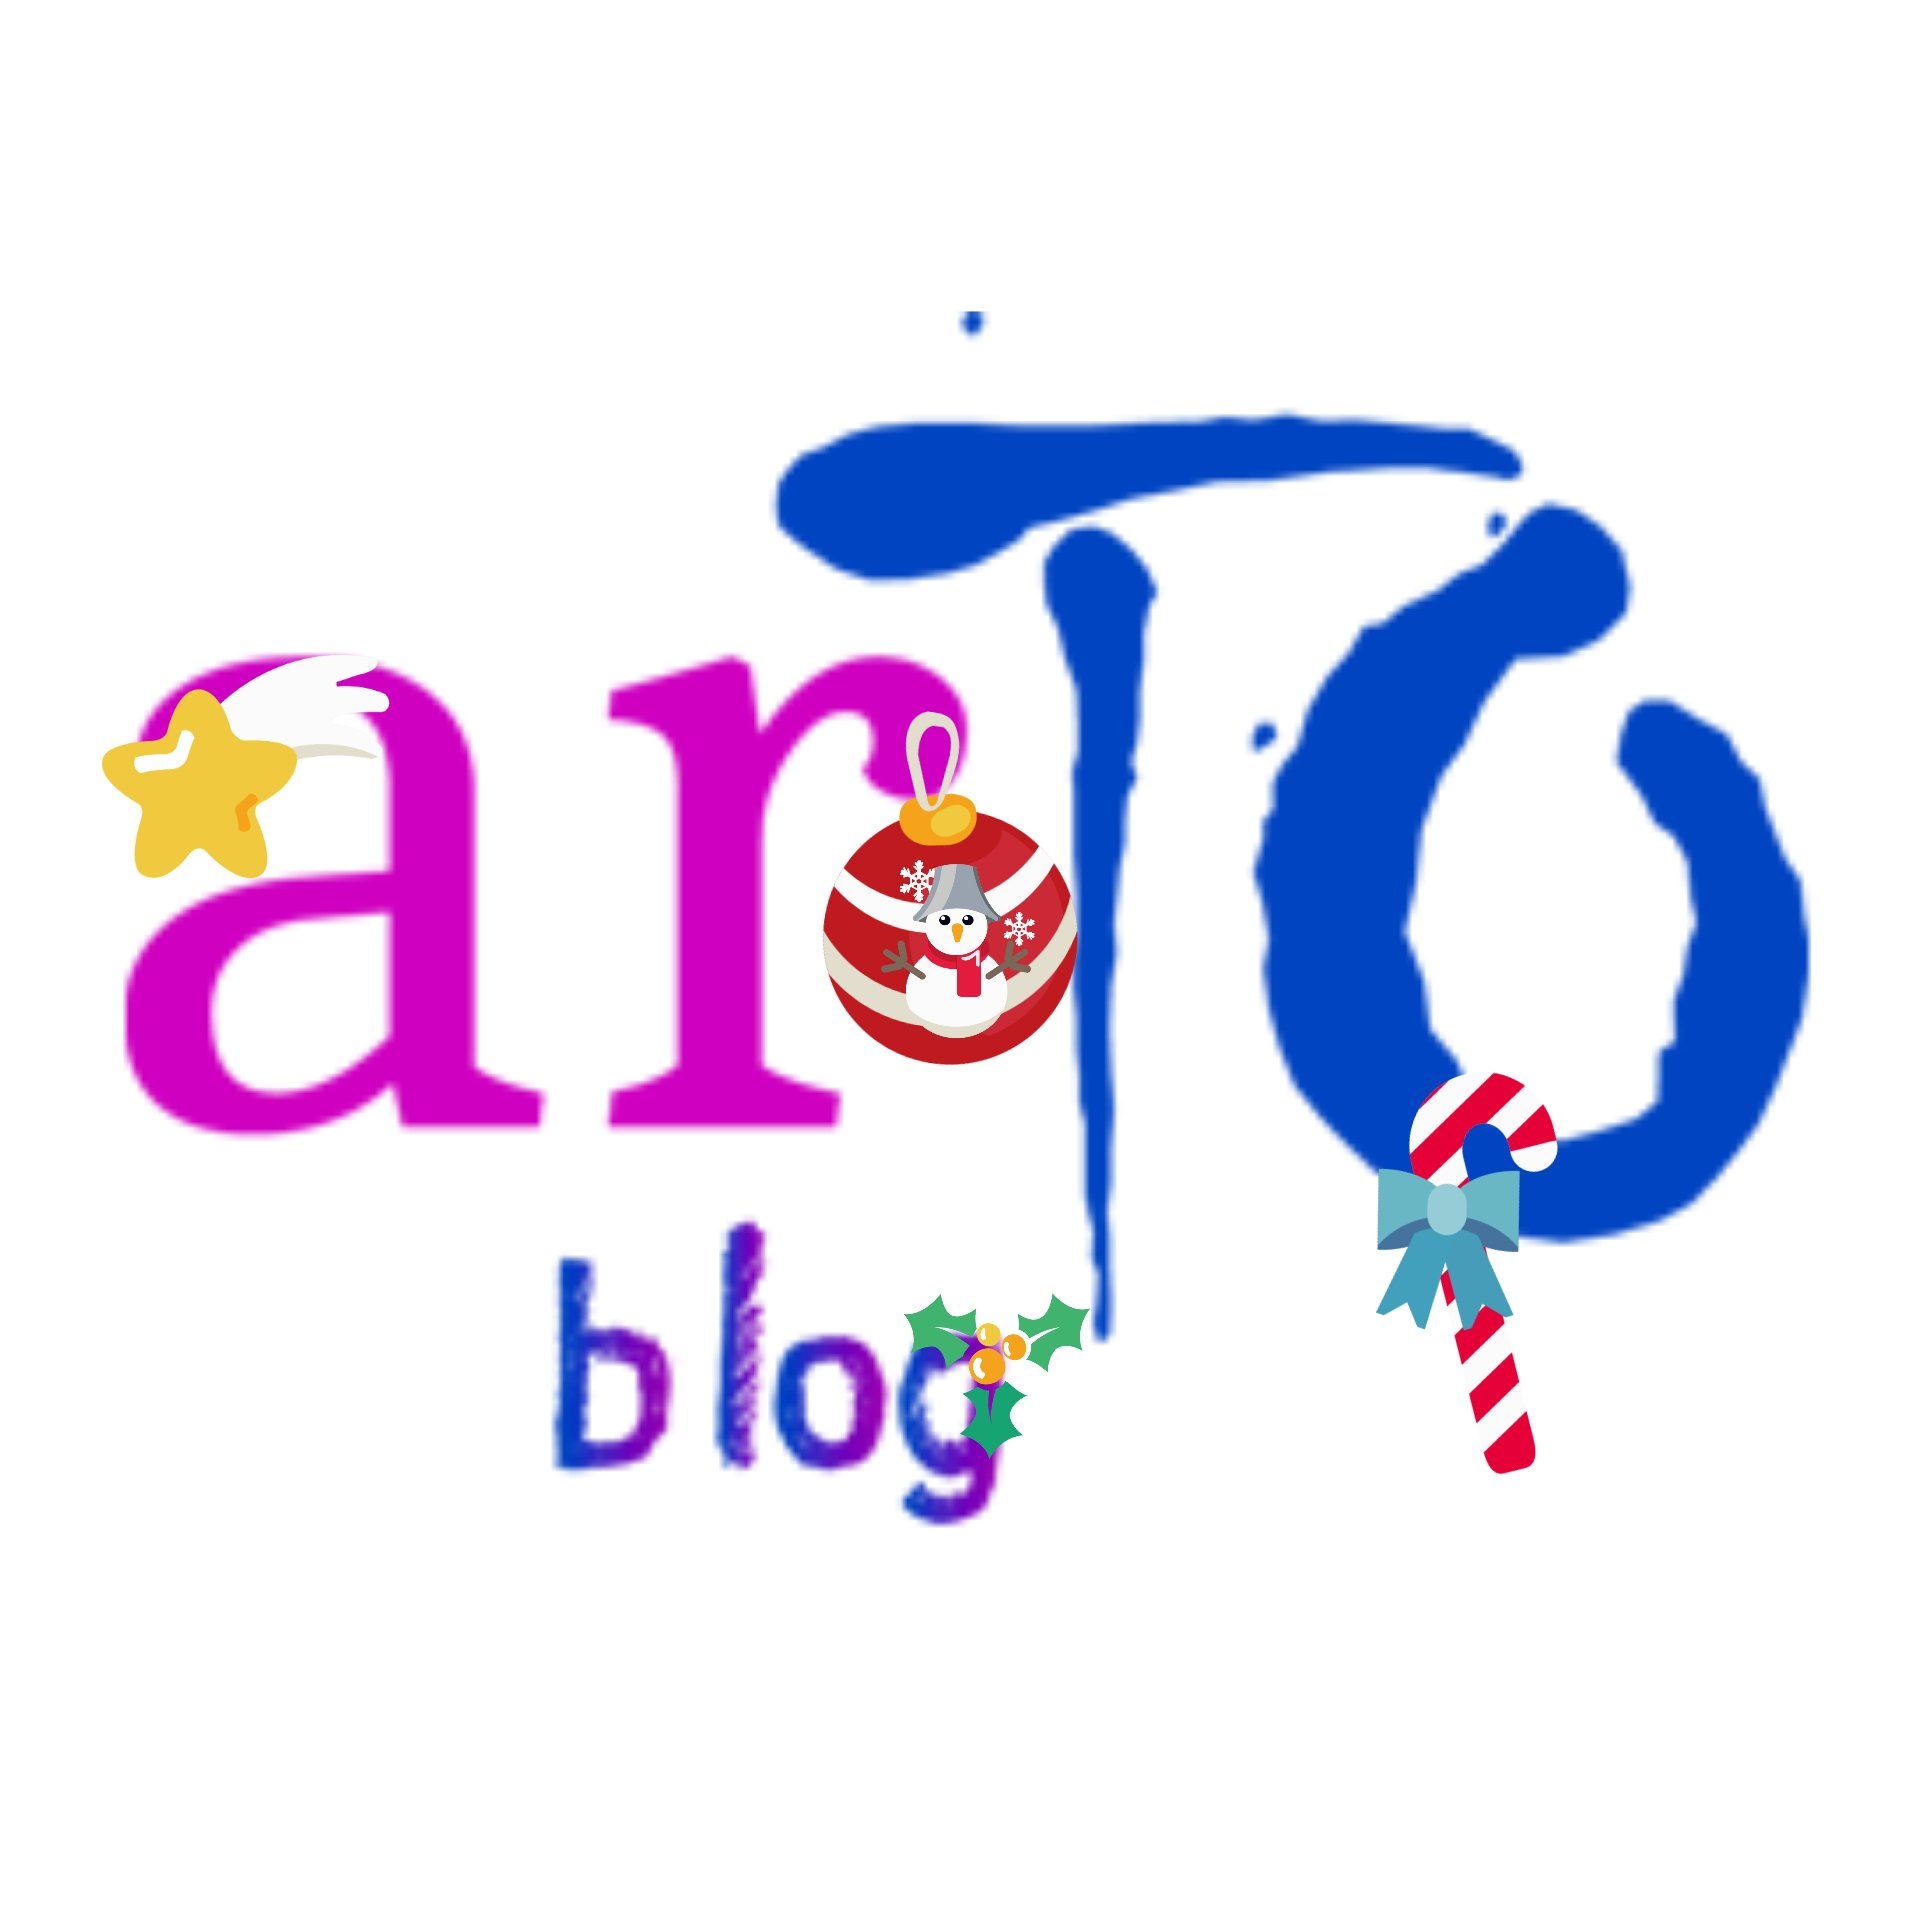 arTOblog